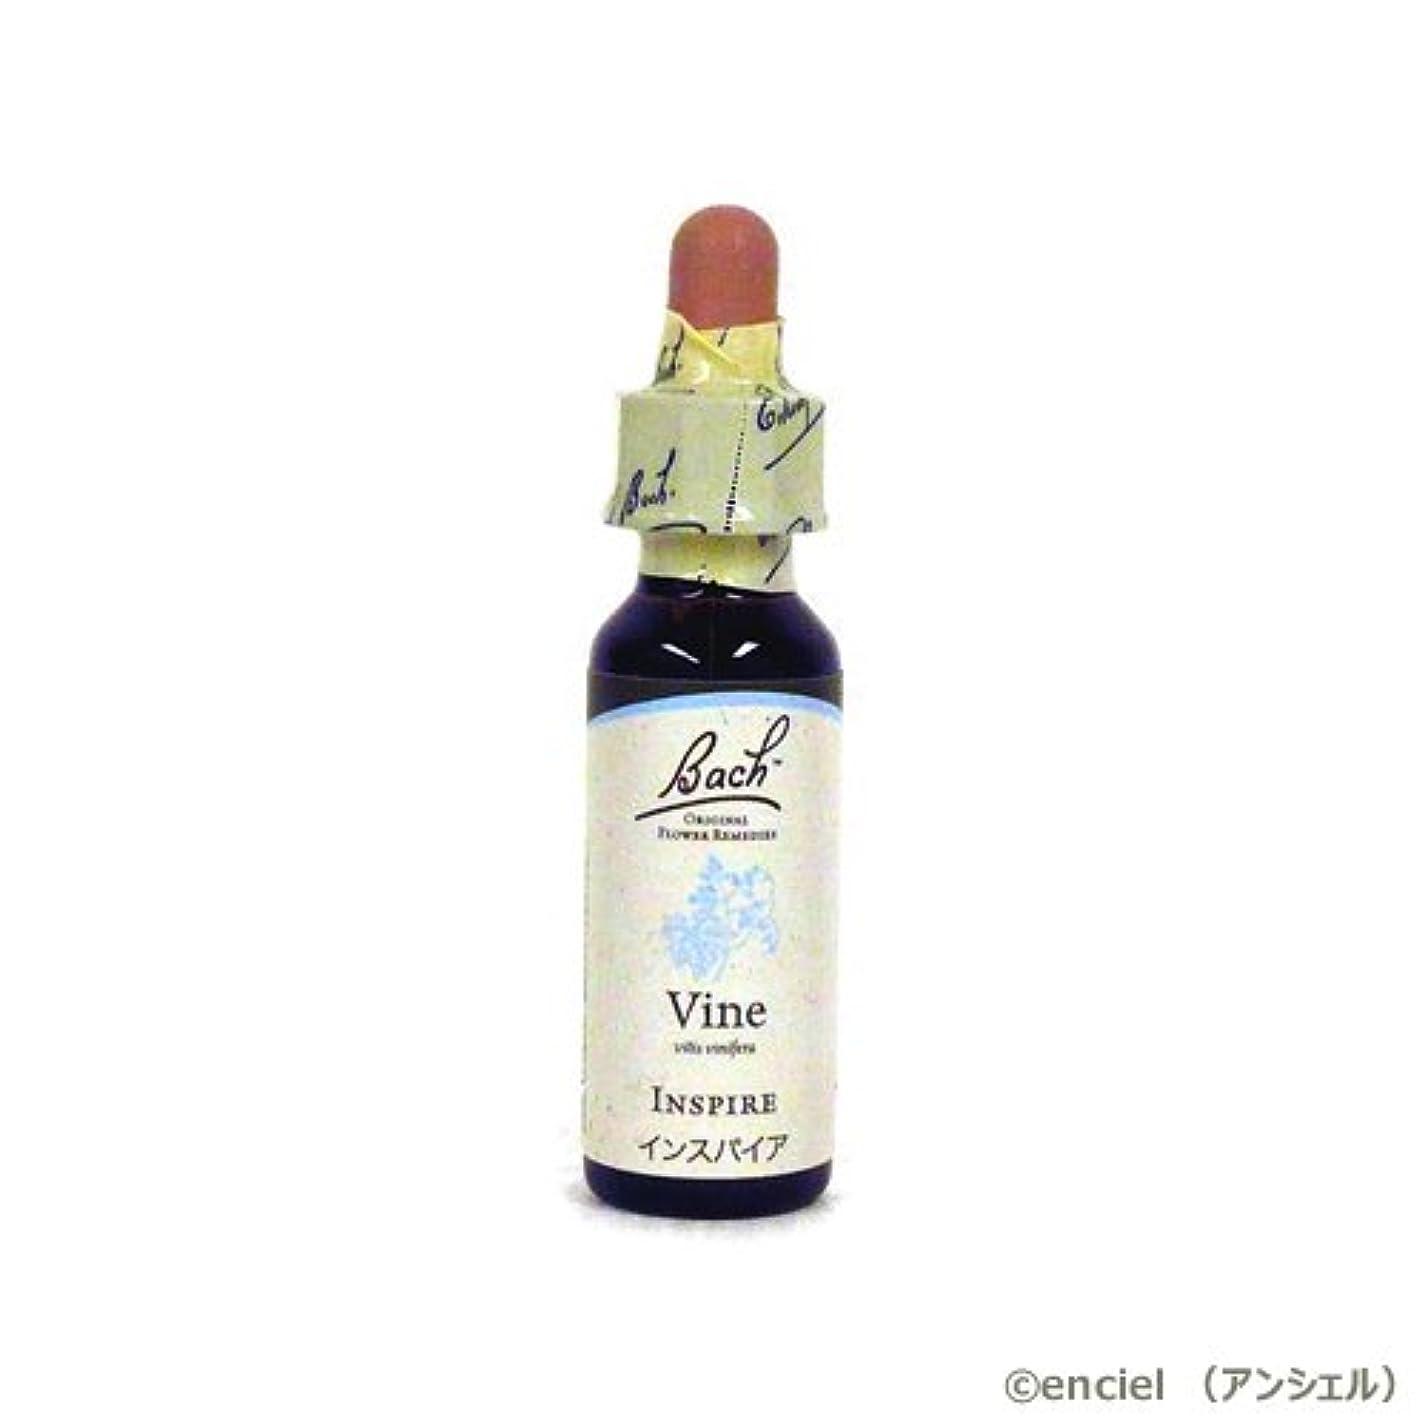 ロマンチック統治する魔術師バッチフラワー レメディ バイン(VINE) 10ml グリセリンタイプ 日本国内正規品